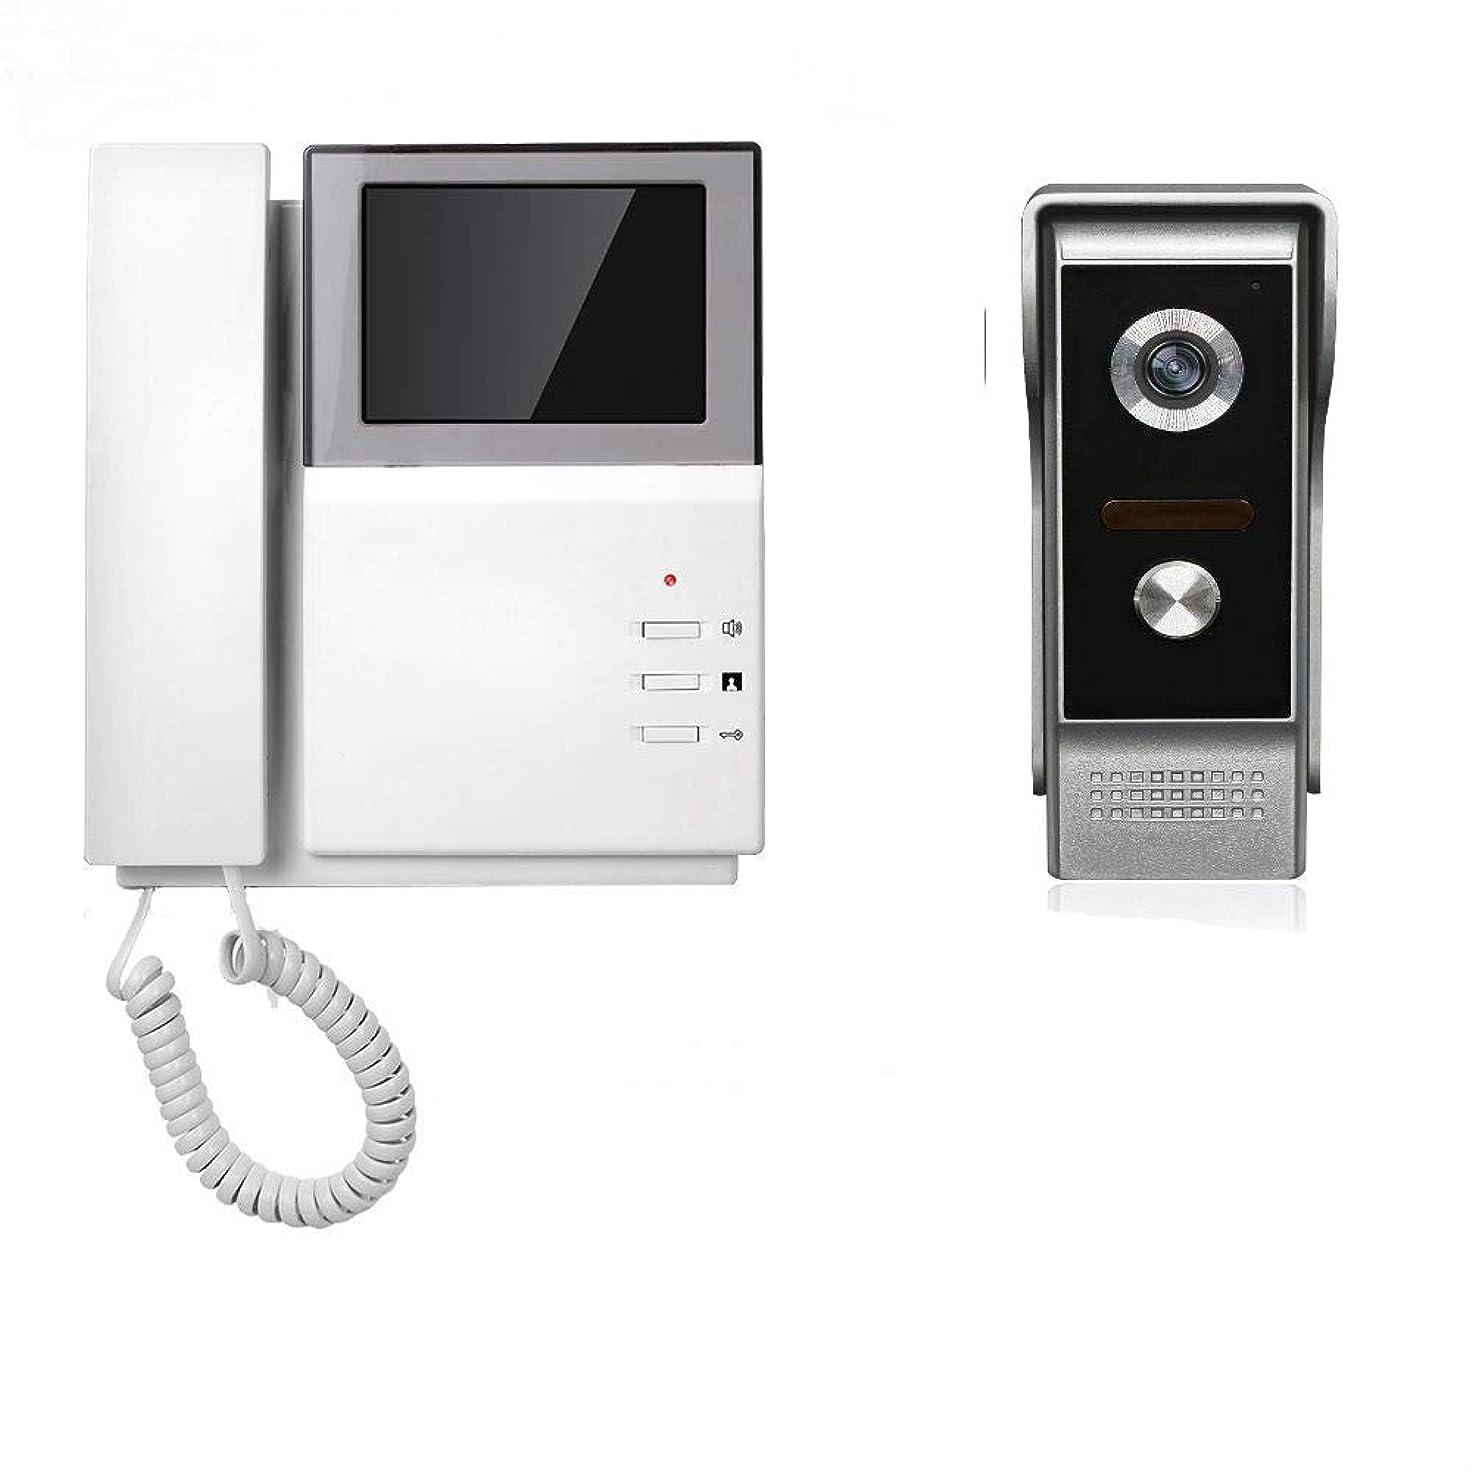 に渡って喜びバッグビデオインターコム 視覚の通話装置 アパートのインターホン 実時間監視 ホームビデオインターコム 遠隔ロック解除 インターコム